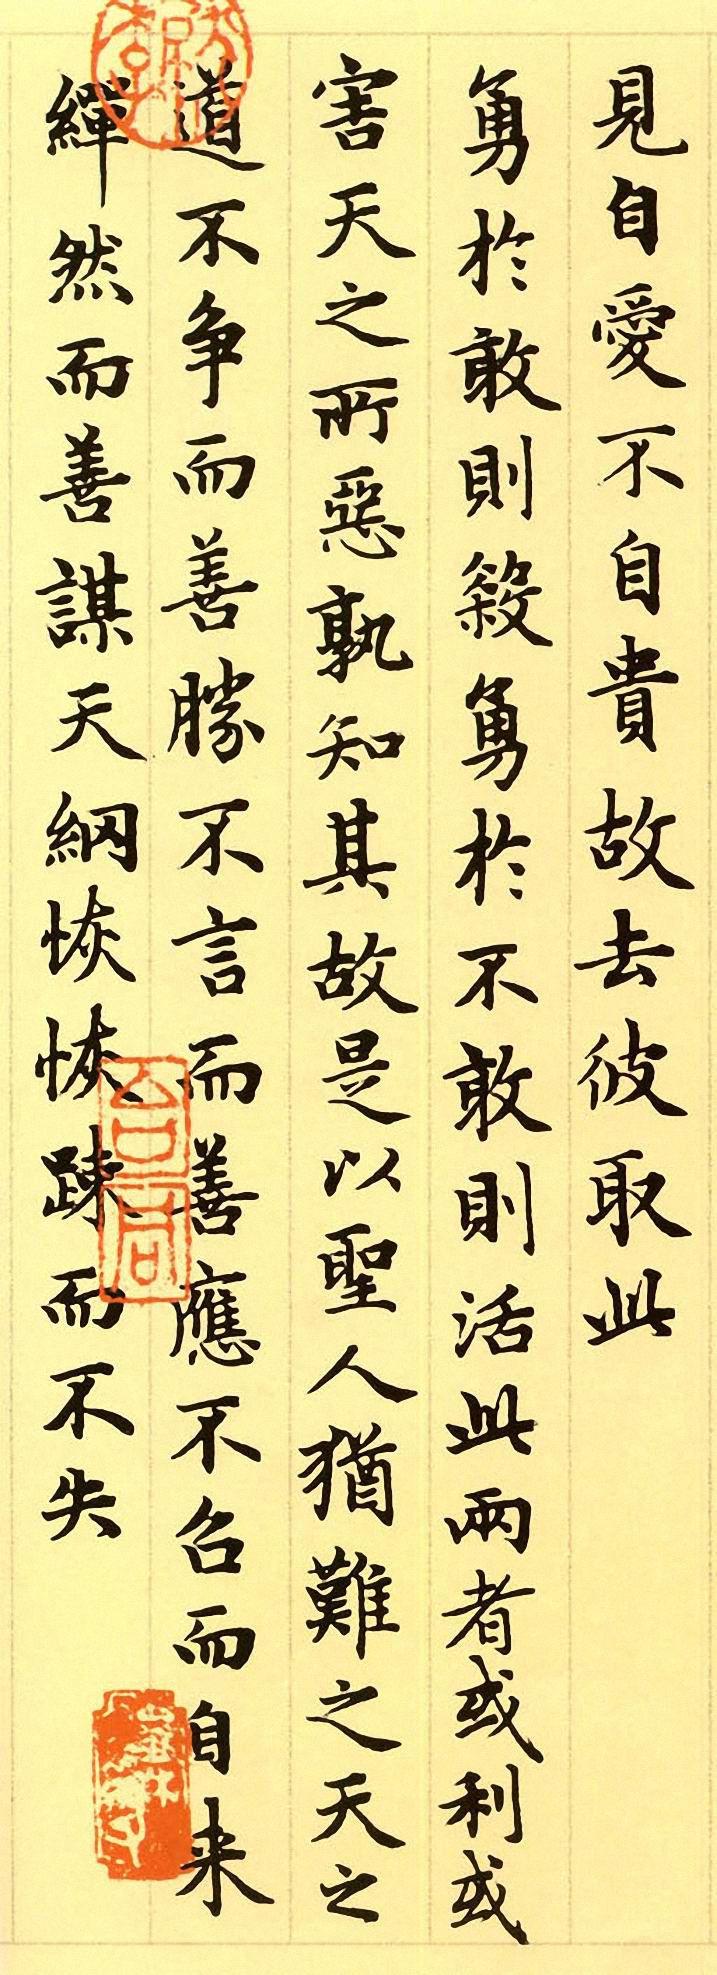 【转载】赵孟頫楷书《道德经》,高清震撼 - 卢笛 -